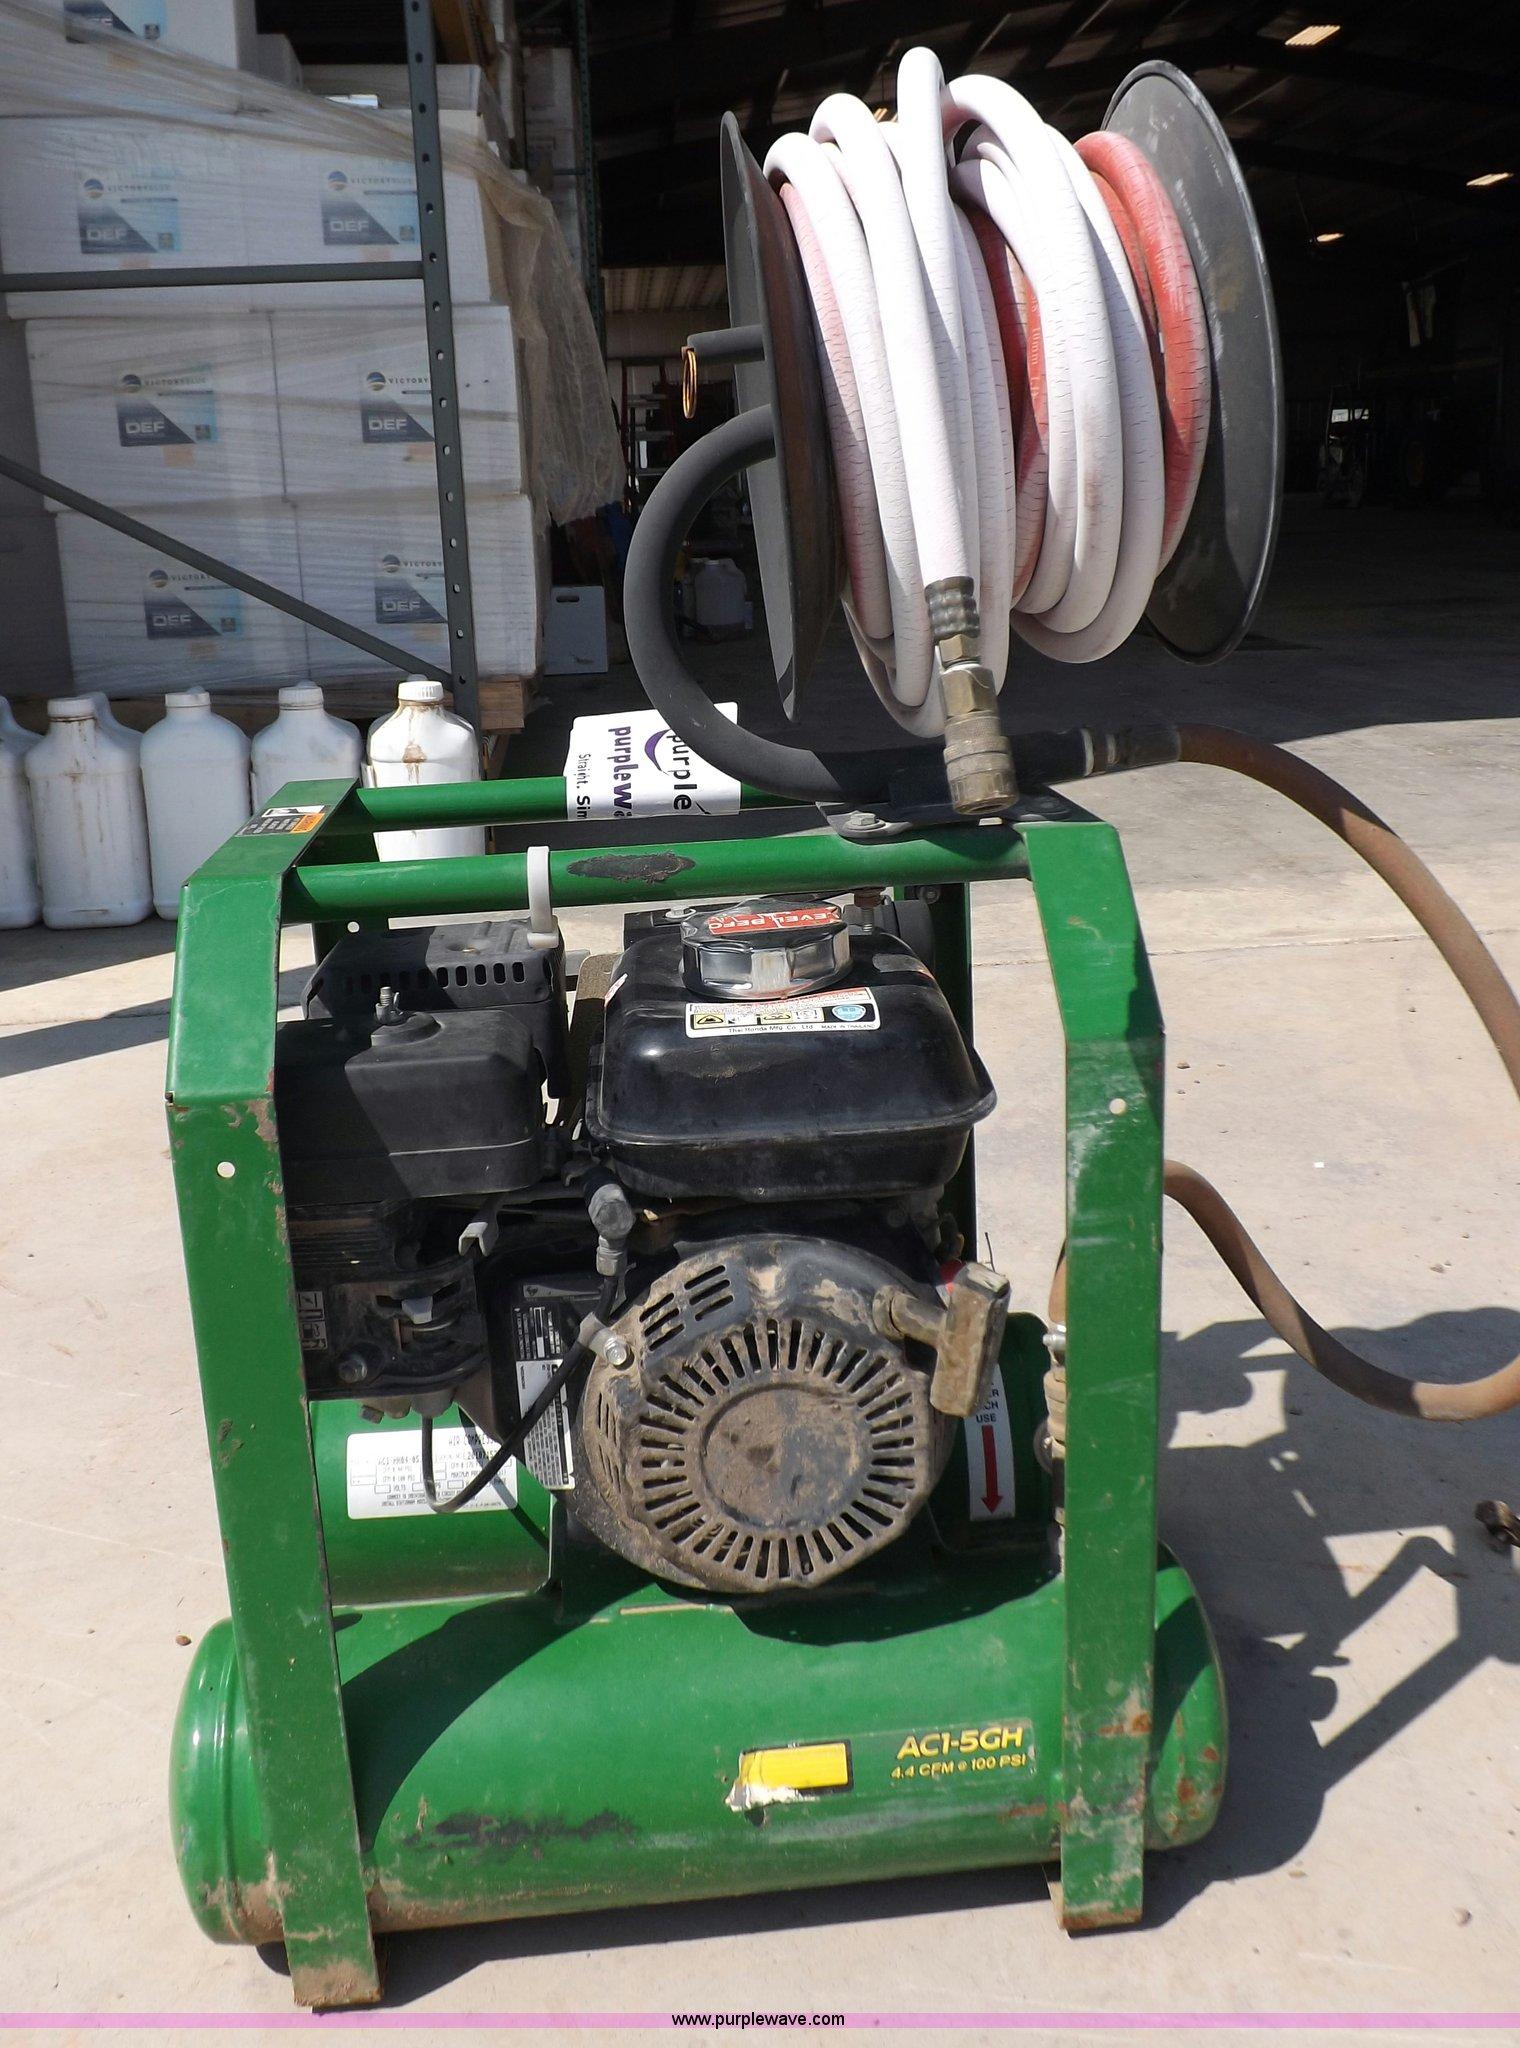 John Deere Air Compressor >> John Deere Air Compressor Item I7625 Sold September 18